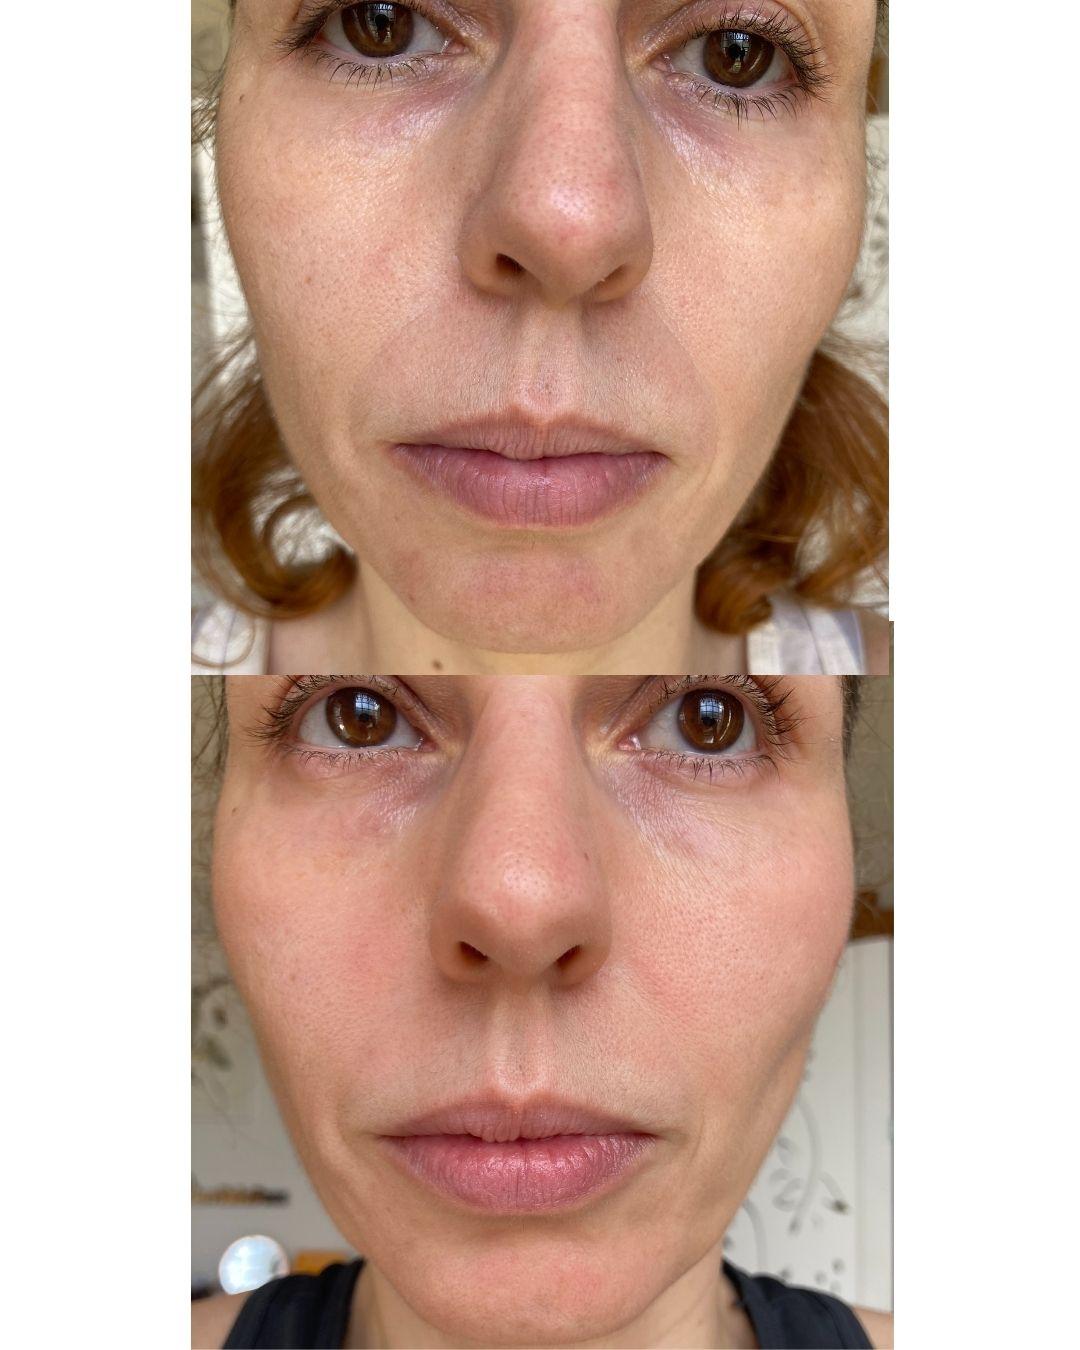 Bisyou Preechedor Facial antes e depois